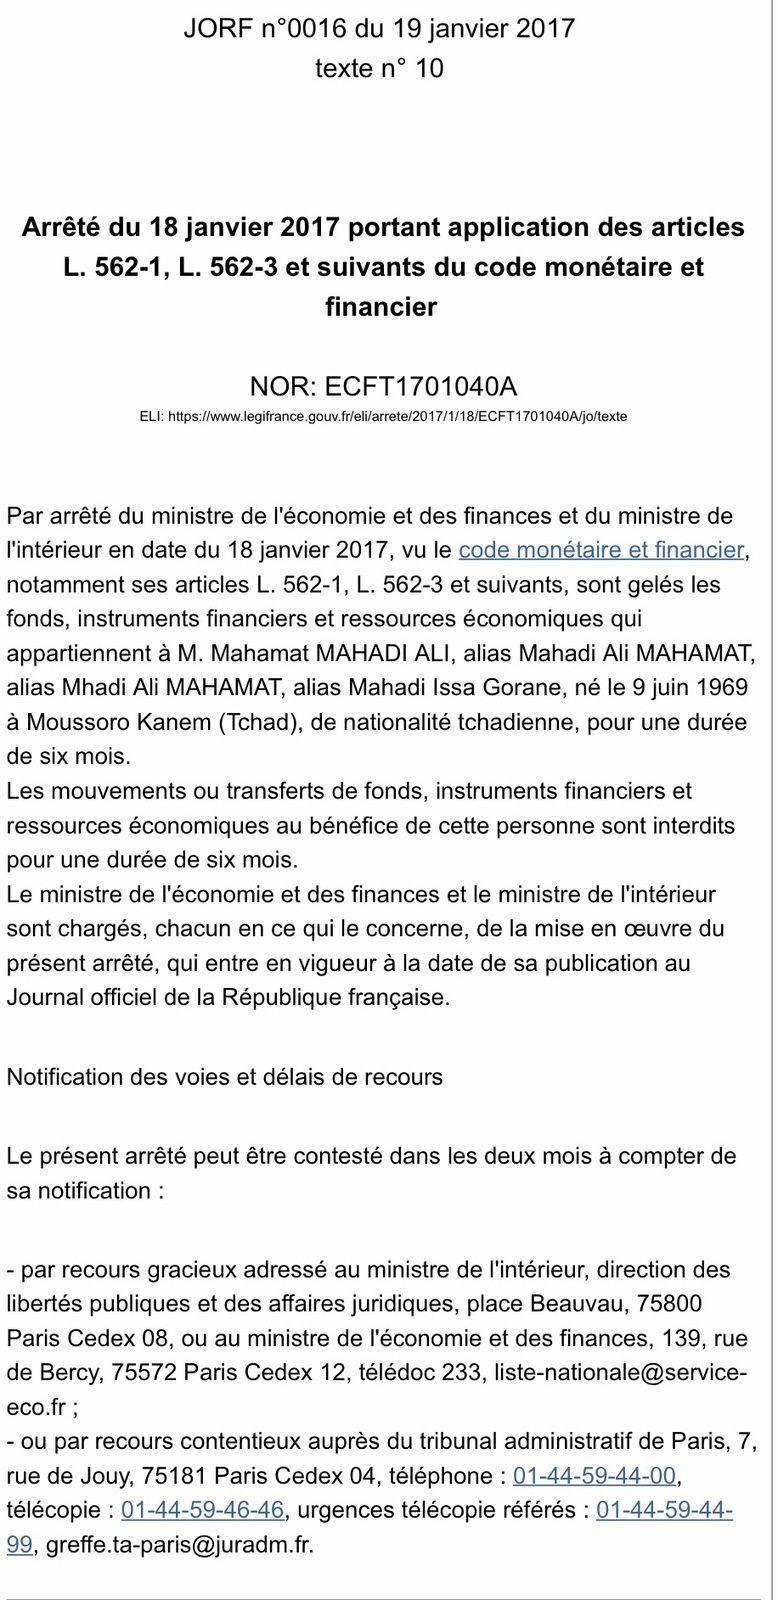 Quand la France accuse honteusement les opposants tchadiens de financement du terrorisme